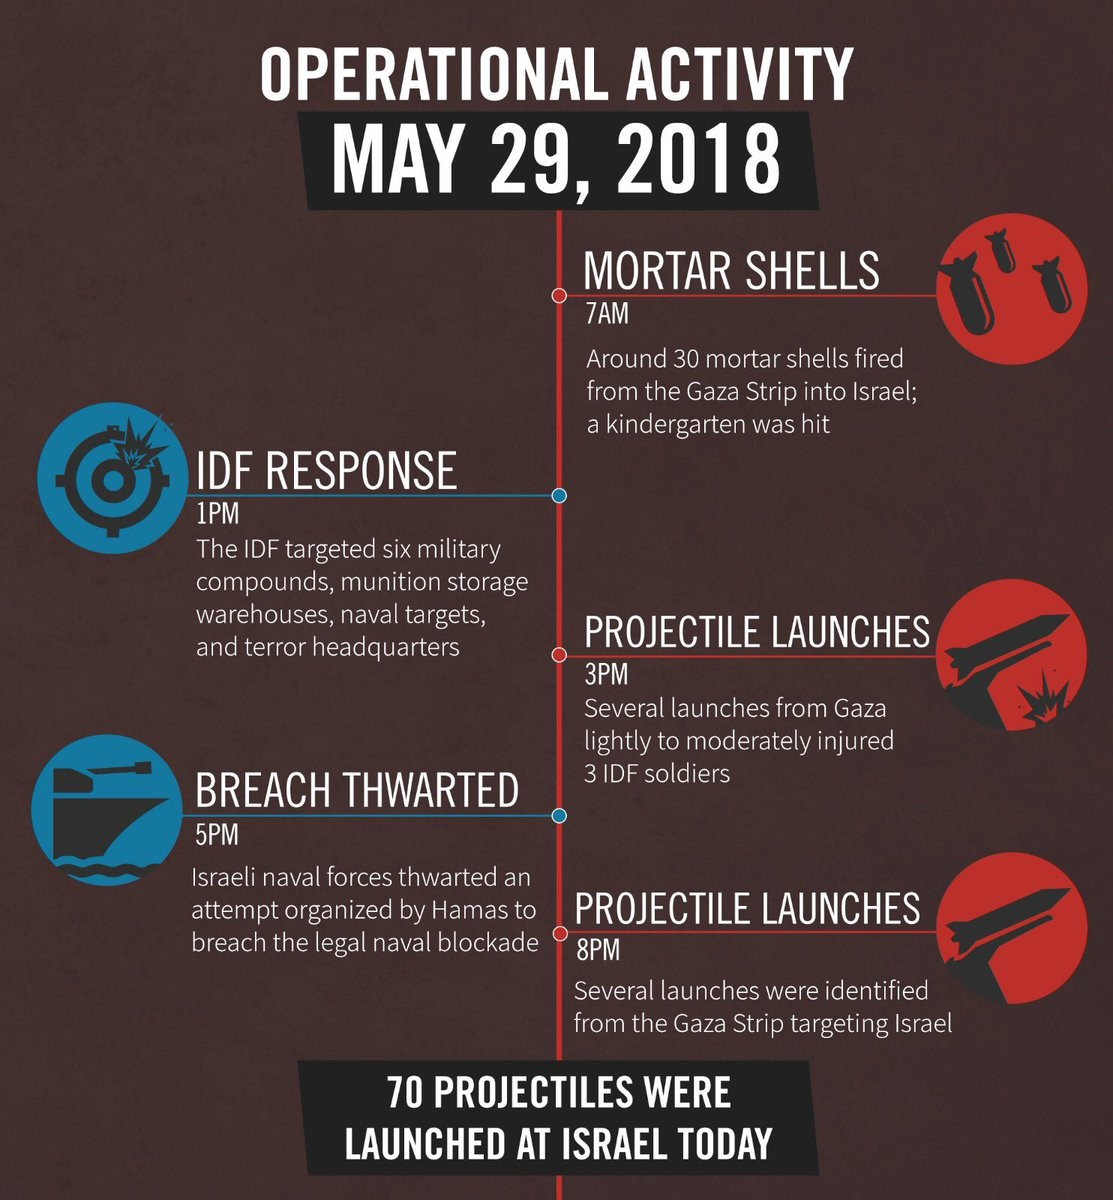 IDF May 29-2018